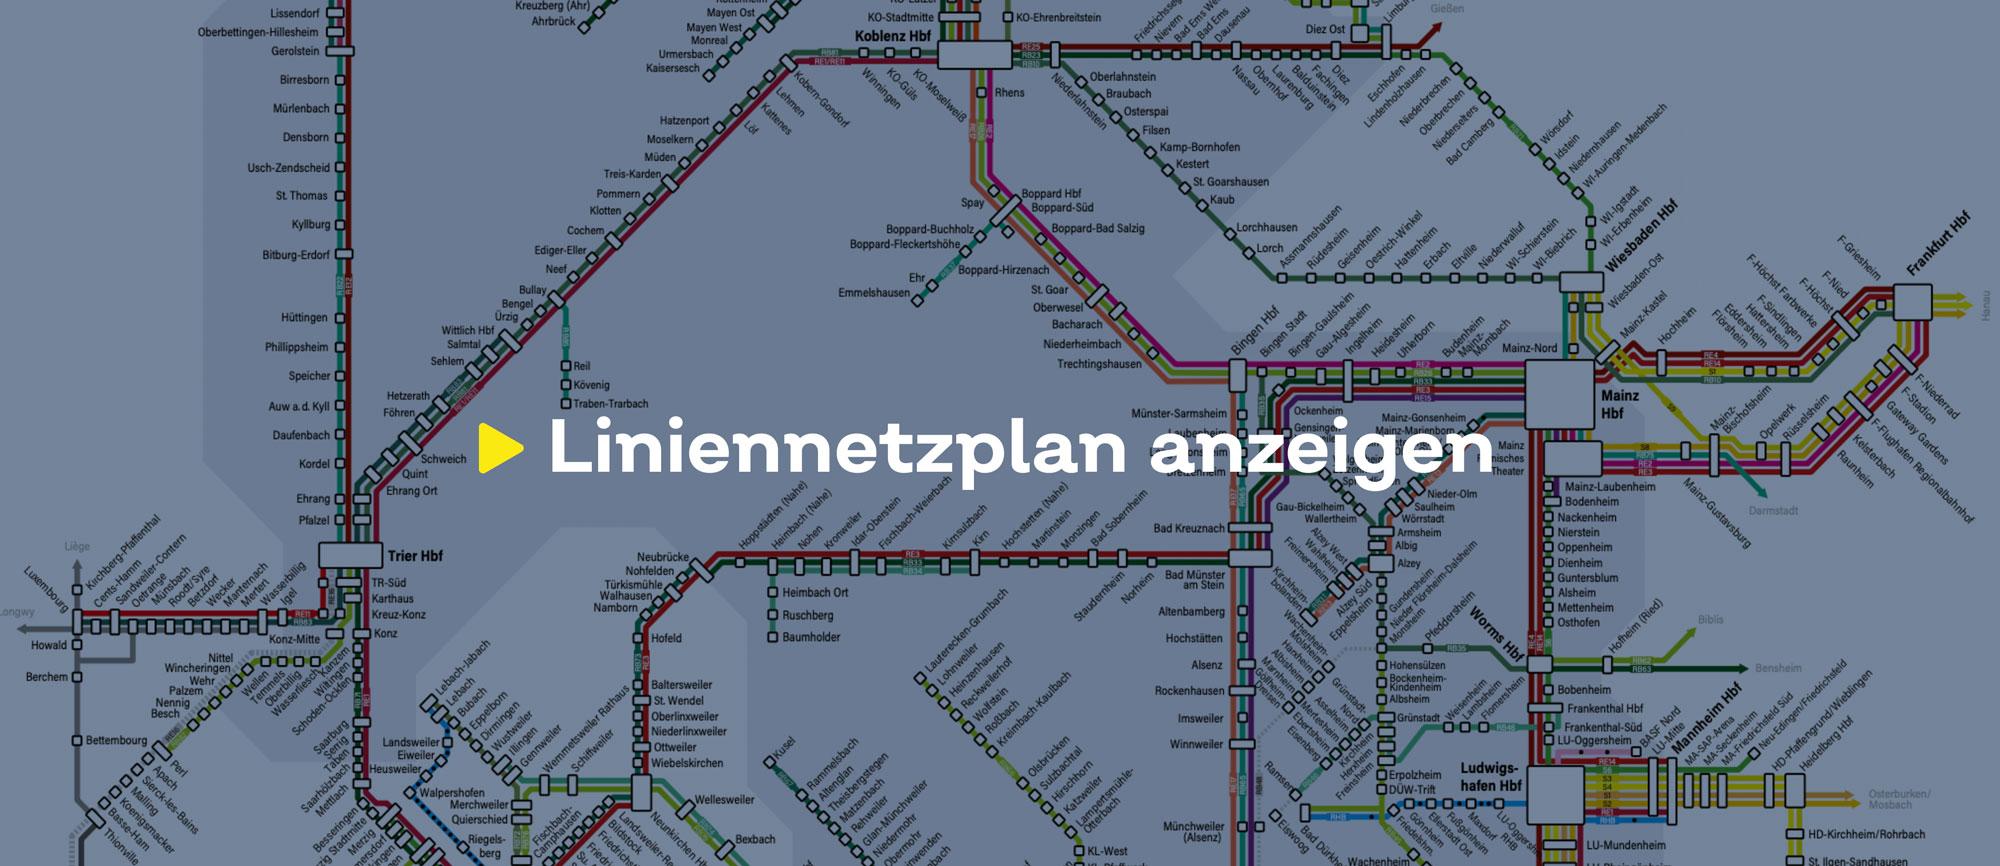 Text 'Liniennetzplan anzeigen' auf einem bläulich eingefärbten Hintergrund, der einen Ausschnitt des Liniennetzes zeigt